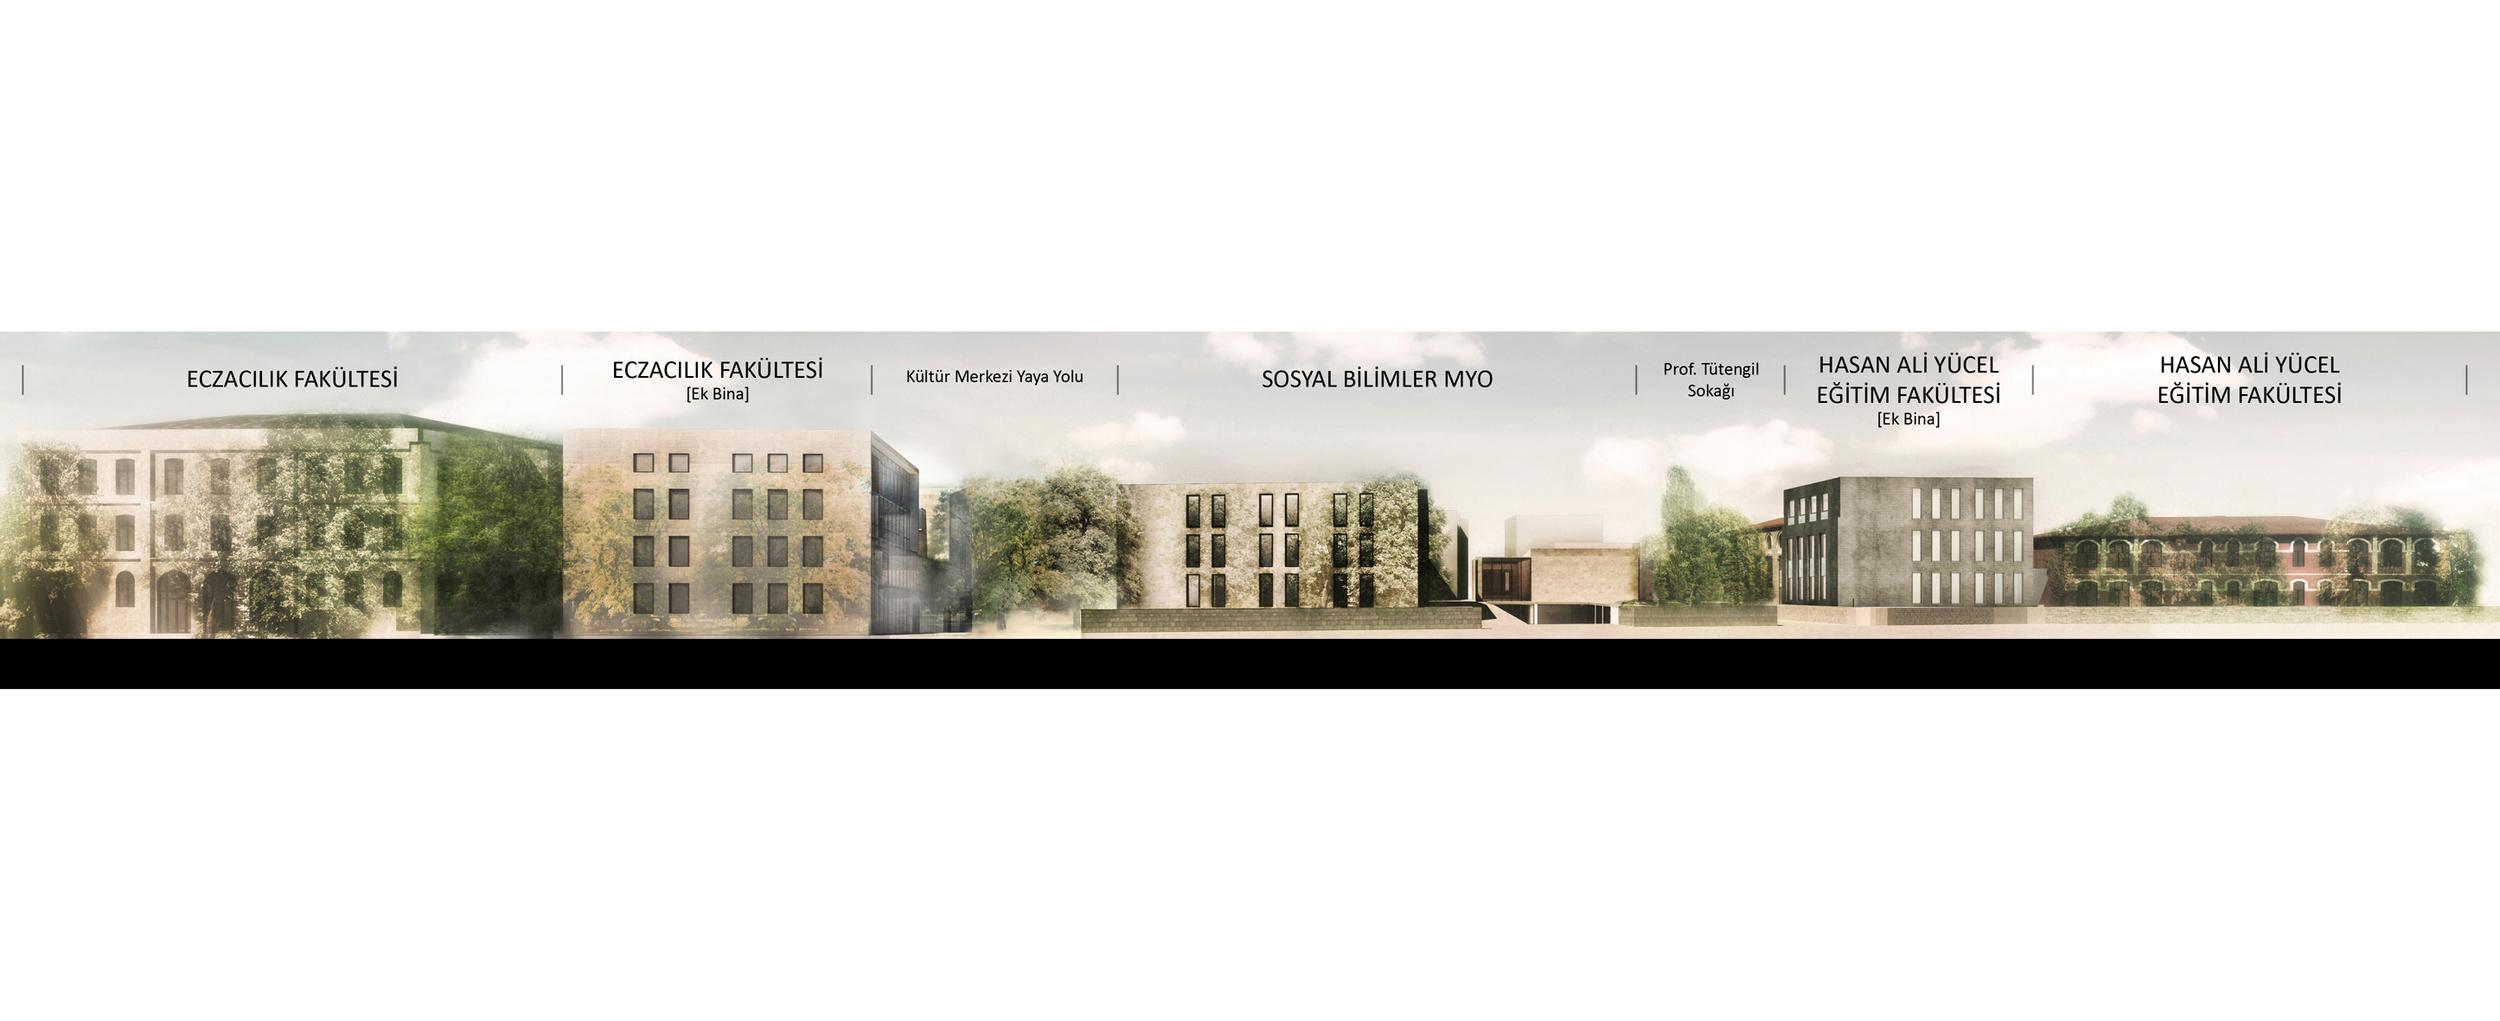 İstanbul Üniversitesi Eczacılık Fakültesi Ek Binası